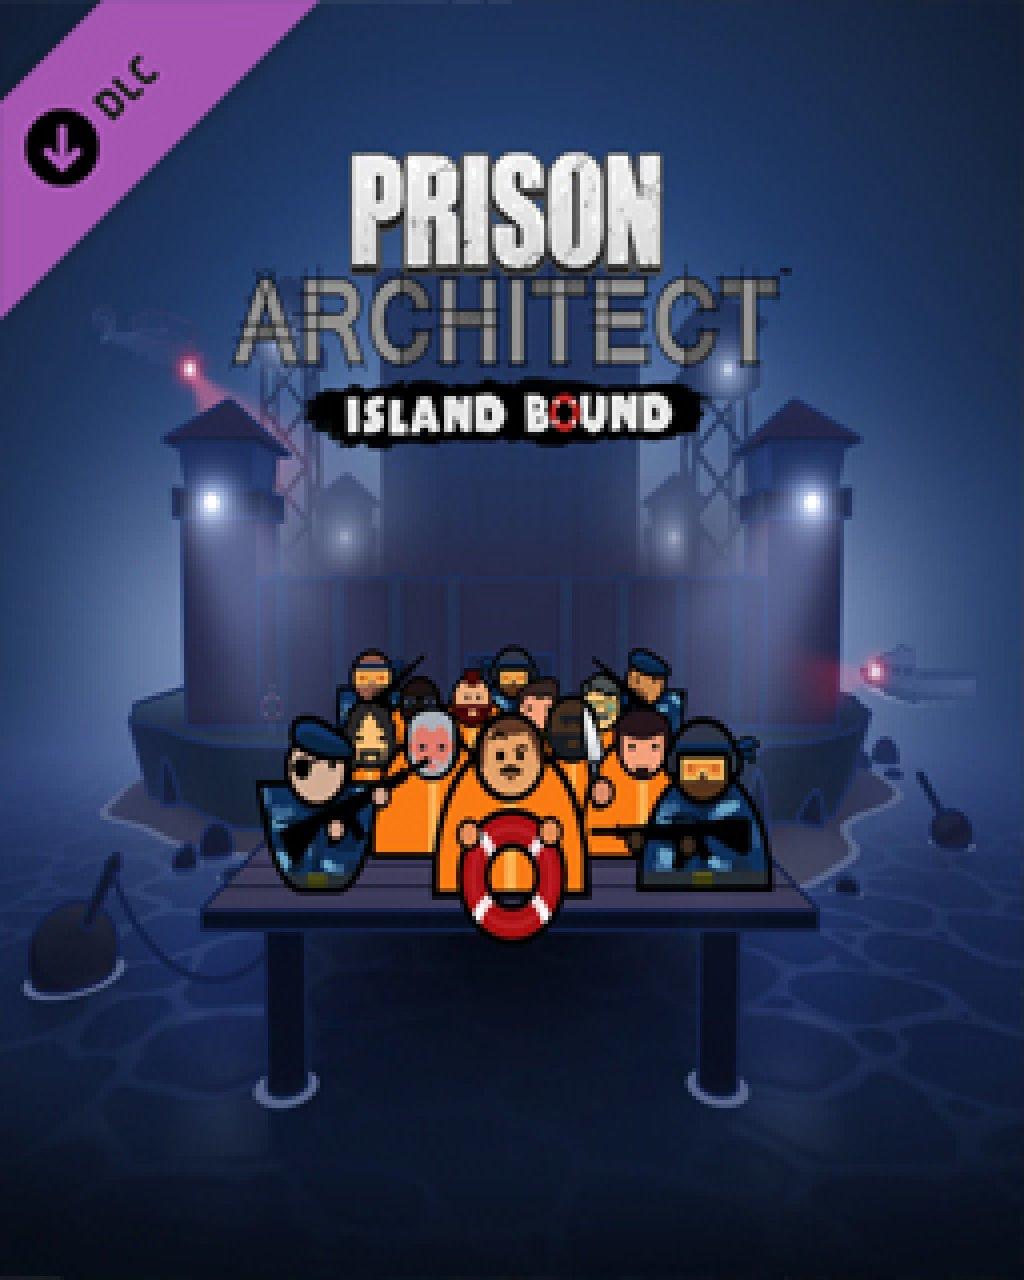 Prison Architect Island Bound